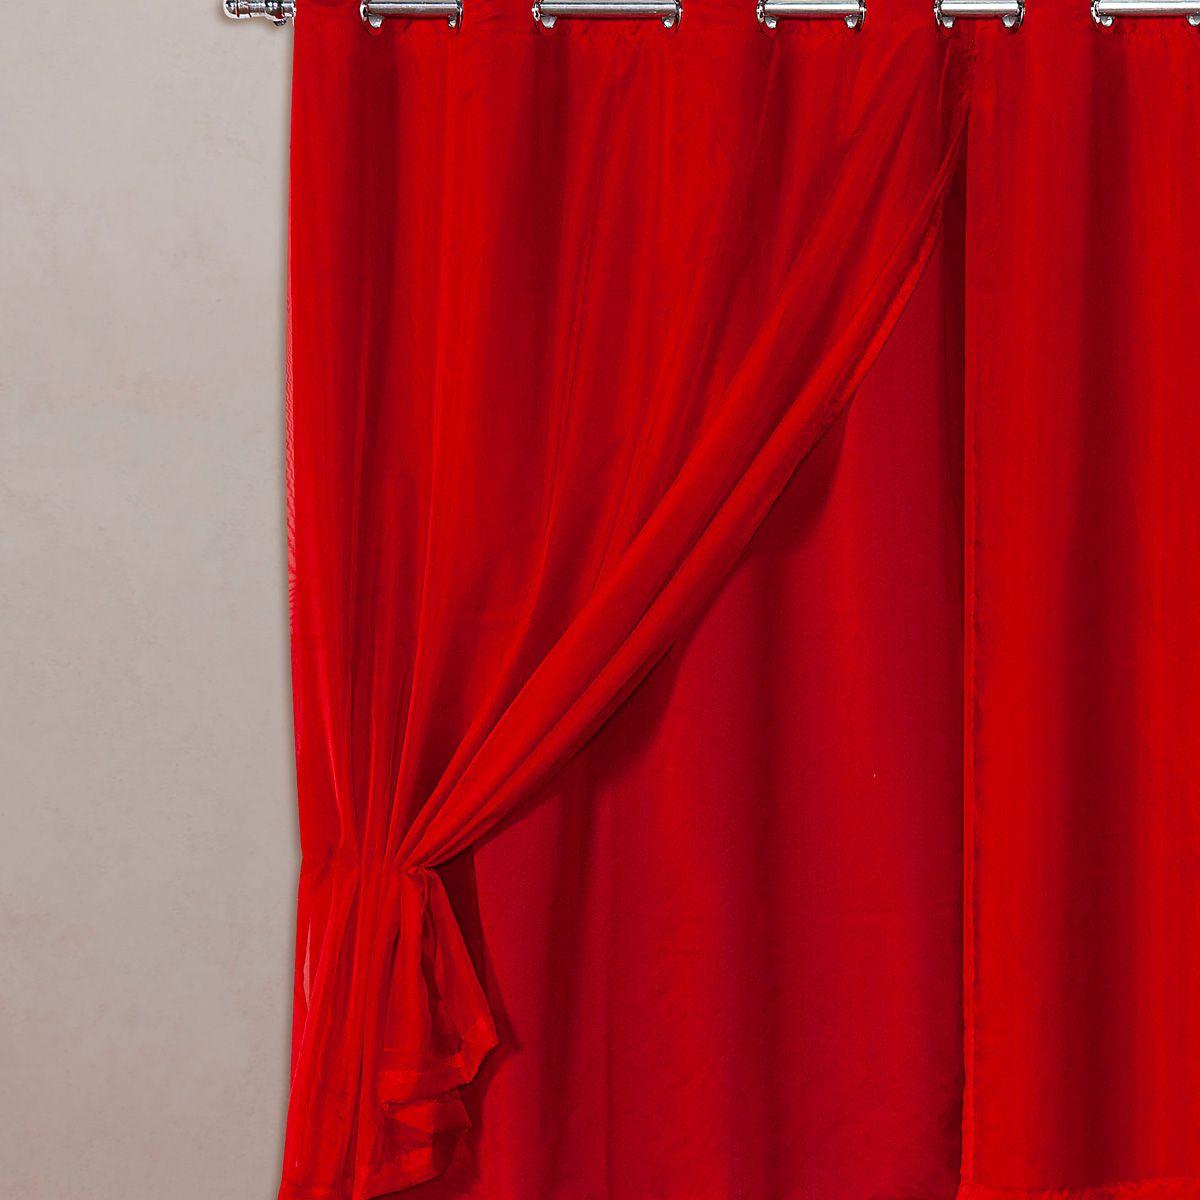 Cortina Blackout em Tecido Class c/ Voil Vermelho Corta Luz 2,80m x 1,60m